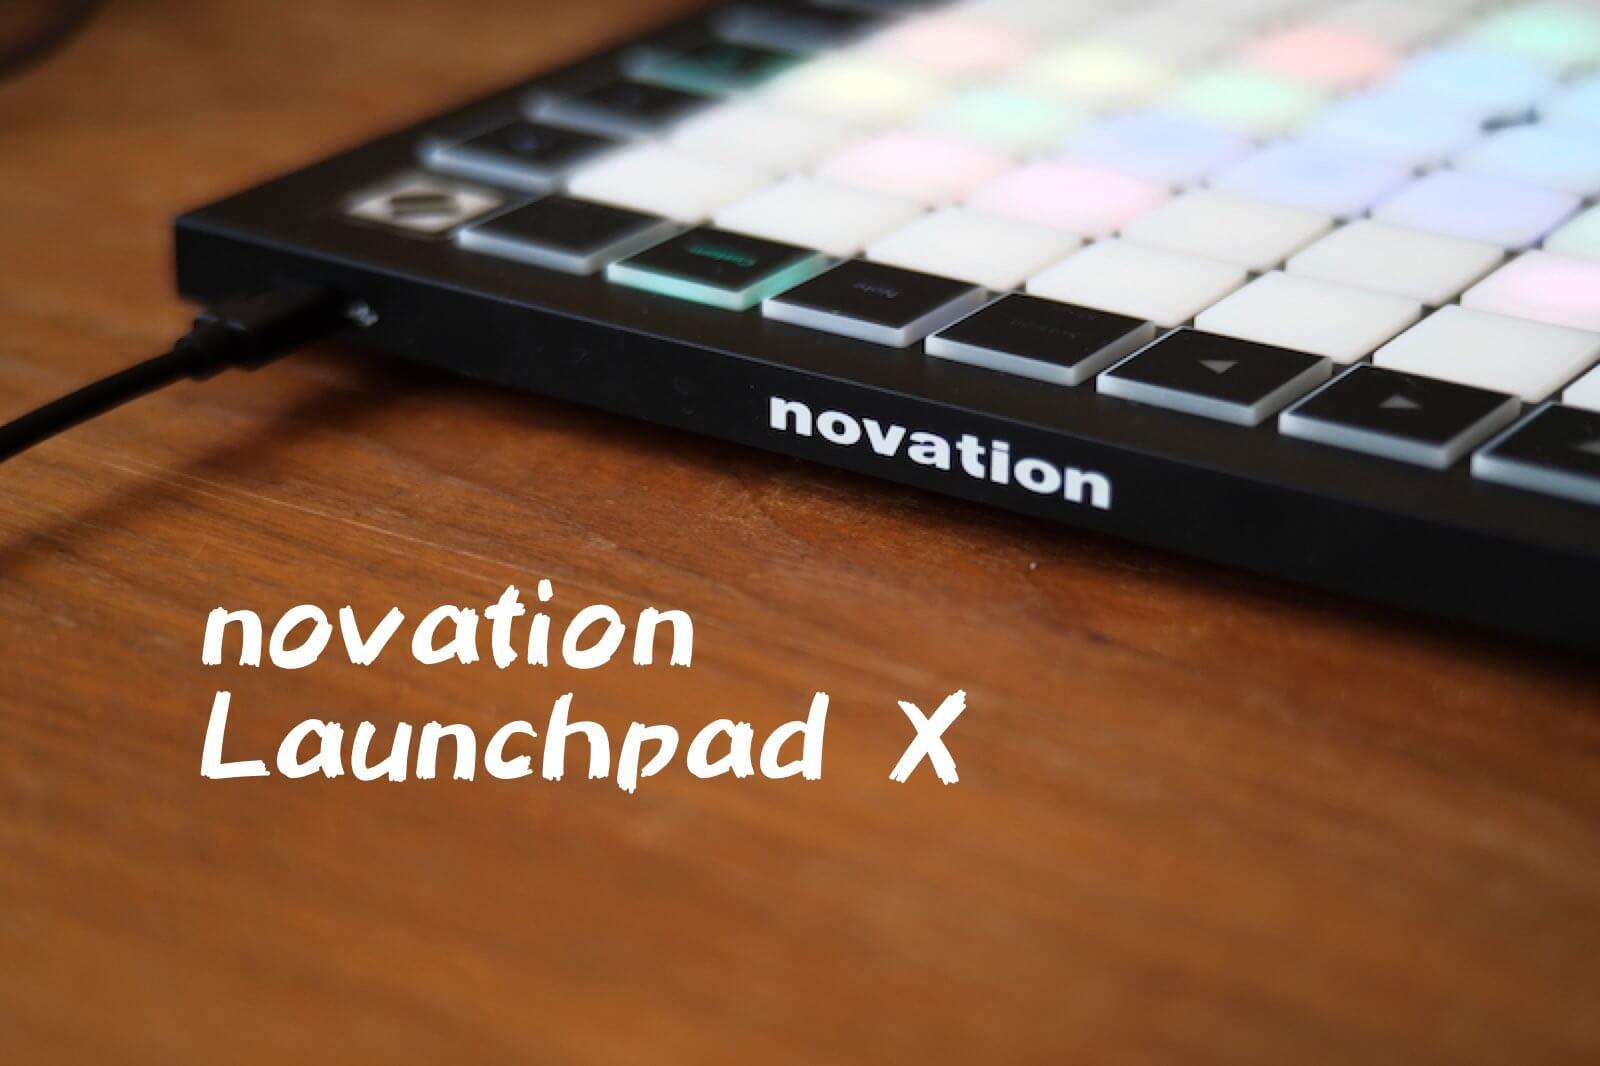 【レビュー】NOVATION Launchpad Xはカスタマイズ可能な64MIDIパッド